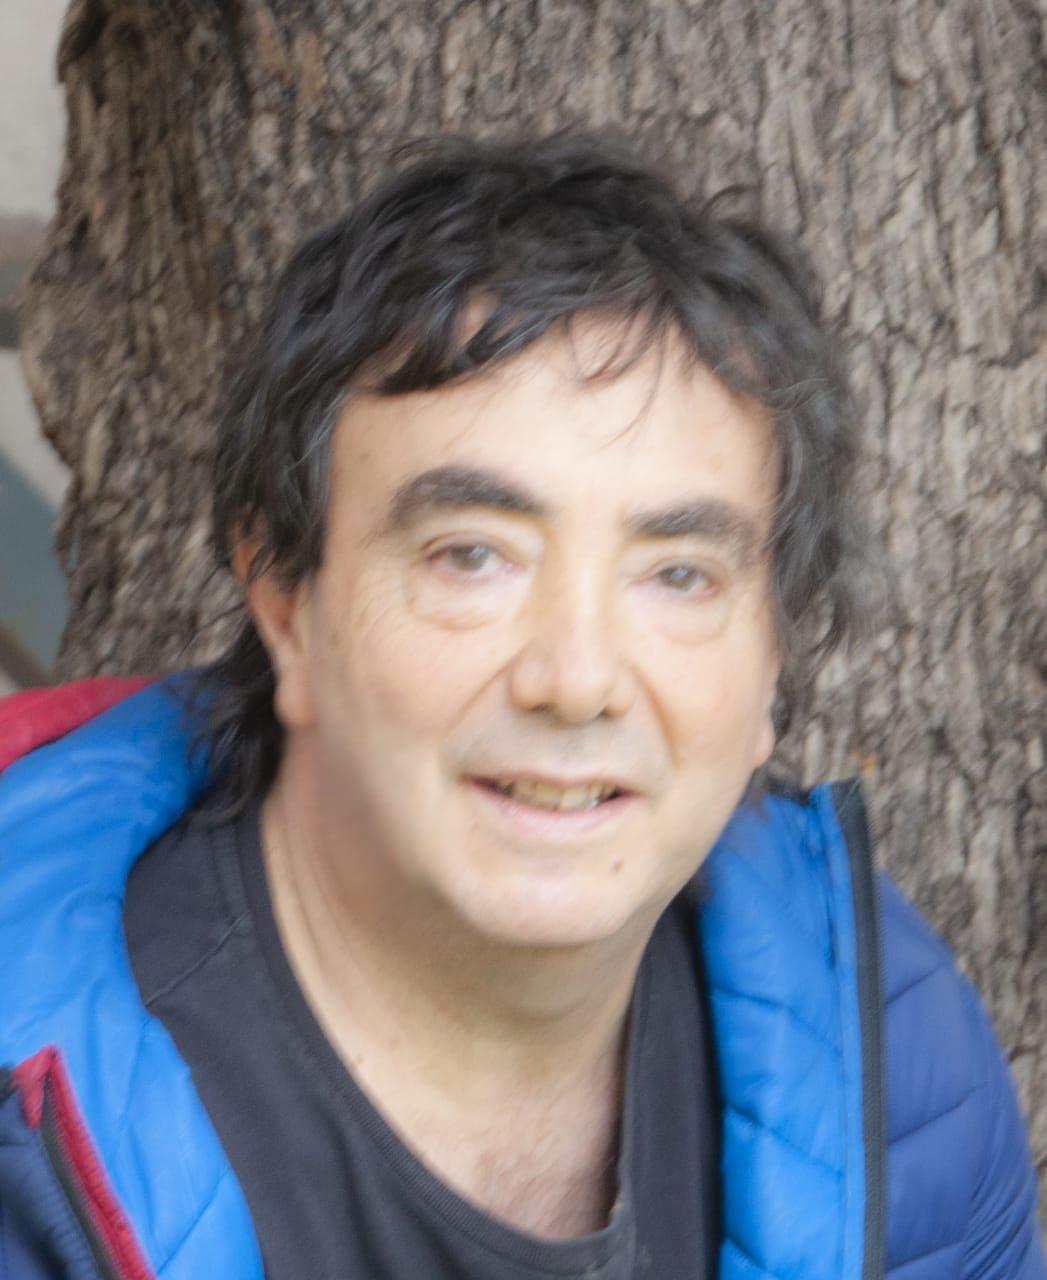 Carlos Purpura